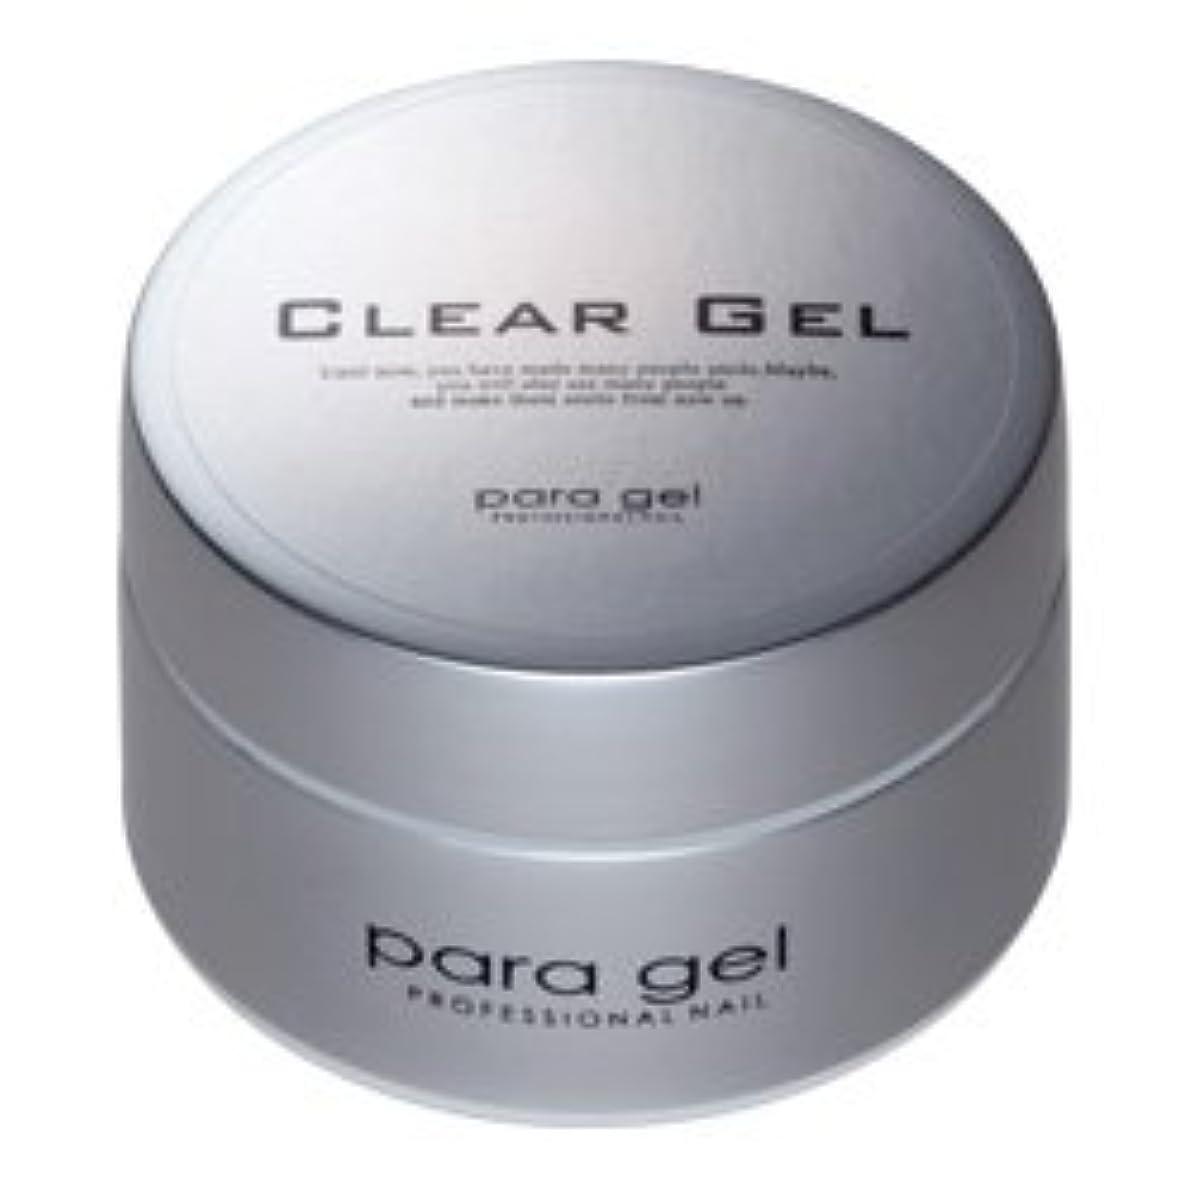 値下げについて懺悔★para gel(パラジェル) <BR>クリアジェル 10g